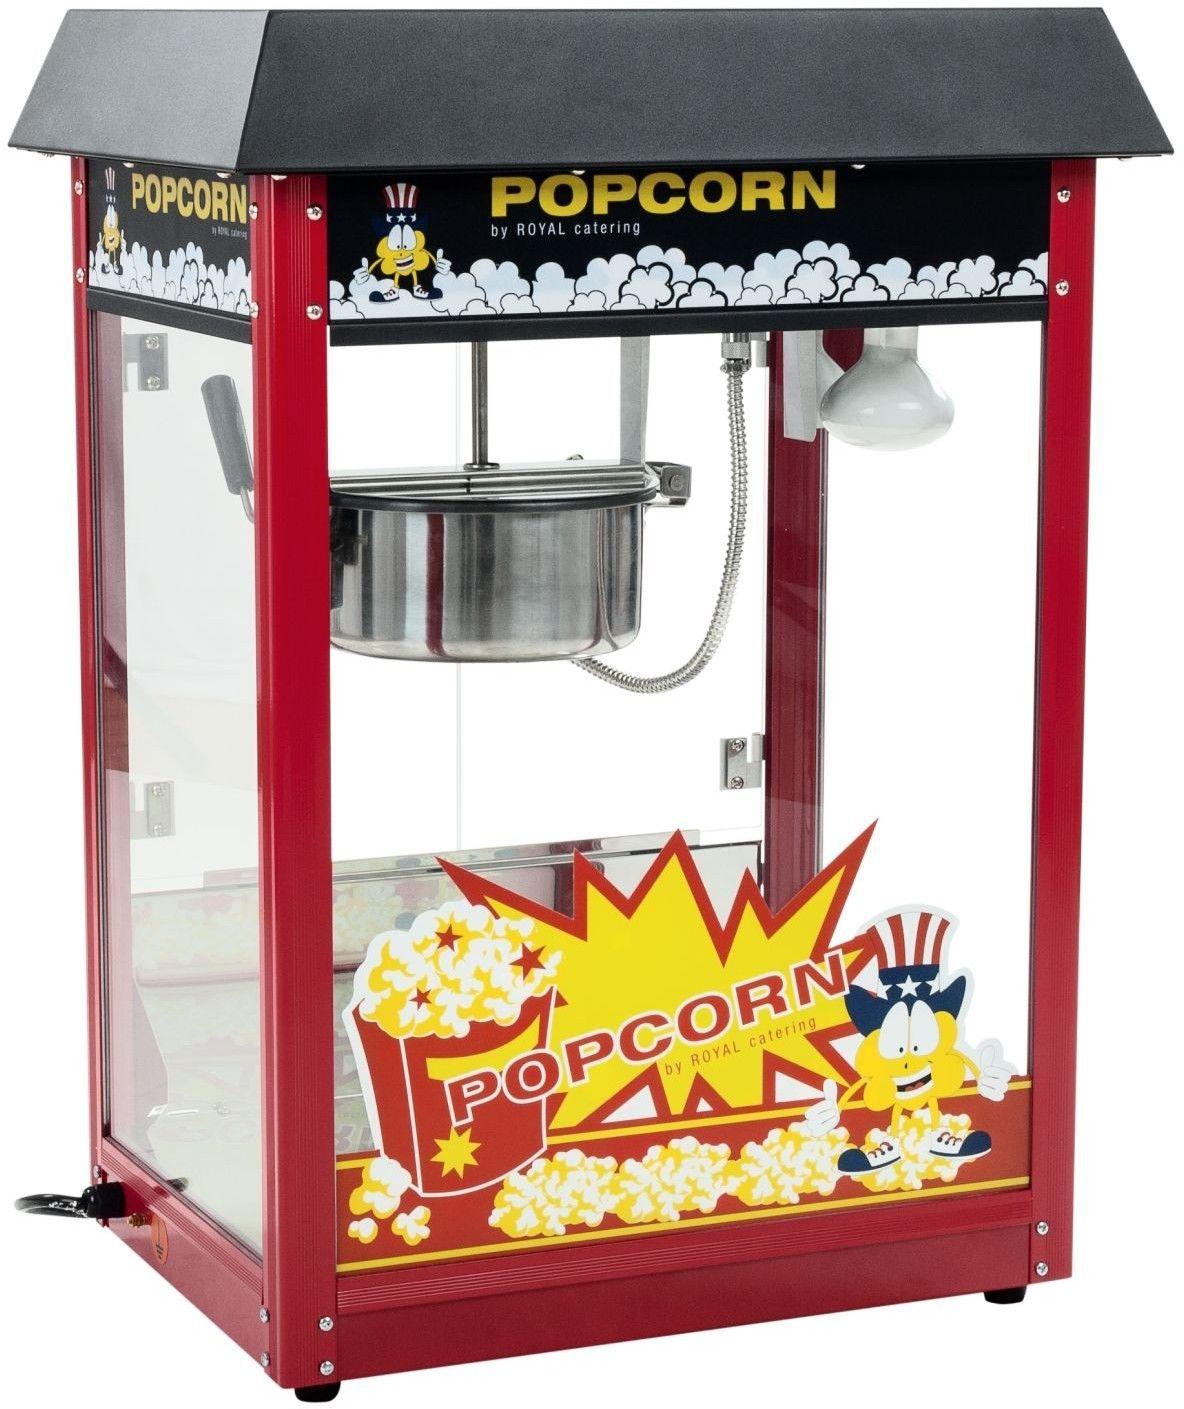 Maszyna do popcornu - czarny daszek - 1600 W - Royal Catering - RCPS-16E - 3 lata gwarancji/wysyłka w 24h